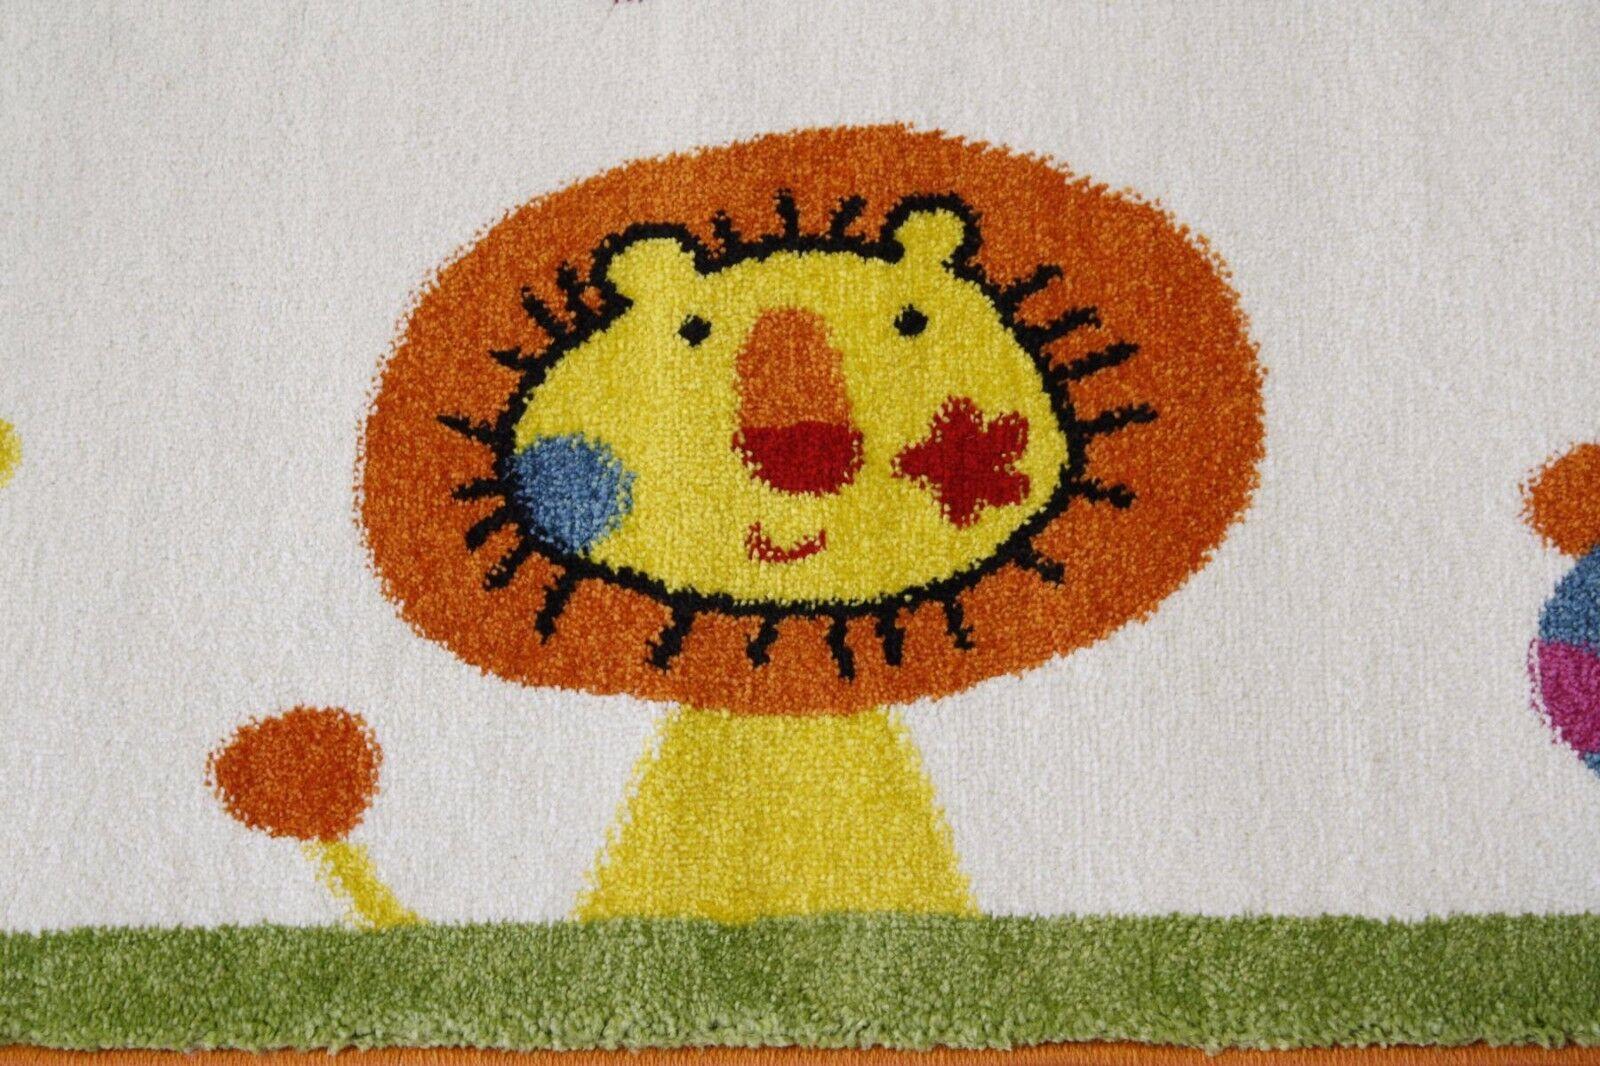 TAPPETO bambini Tappeto Tappeto Tappeto gioco sk-0525-01 SIGIKID Animal Festival 133x200 CM ColoreeeATA 289159